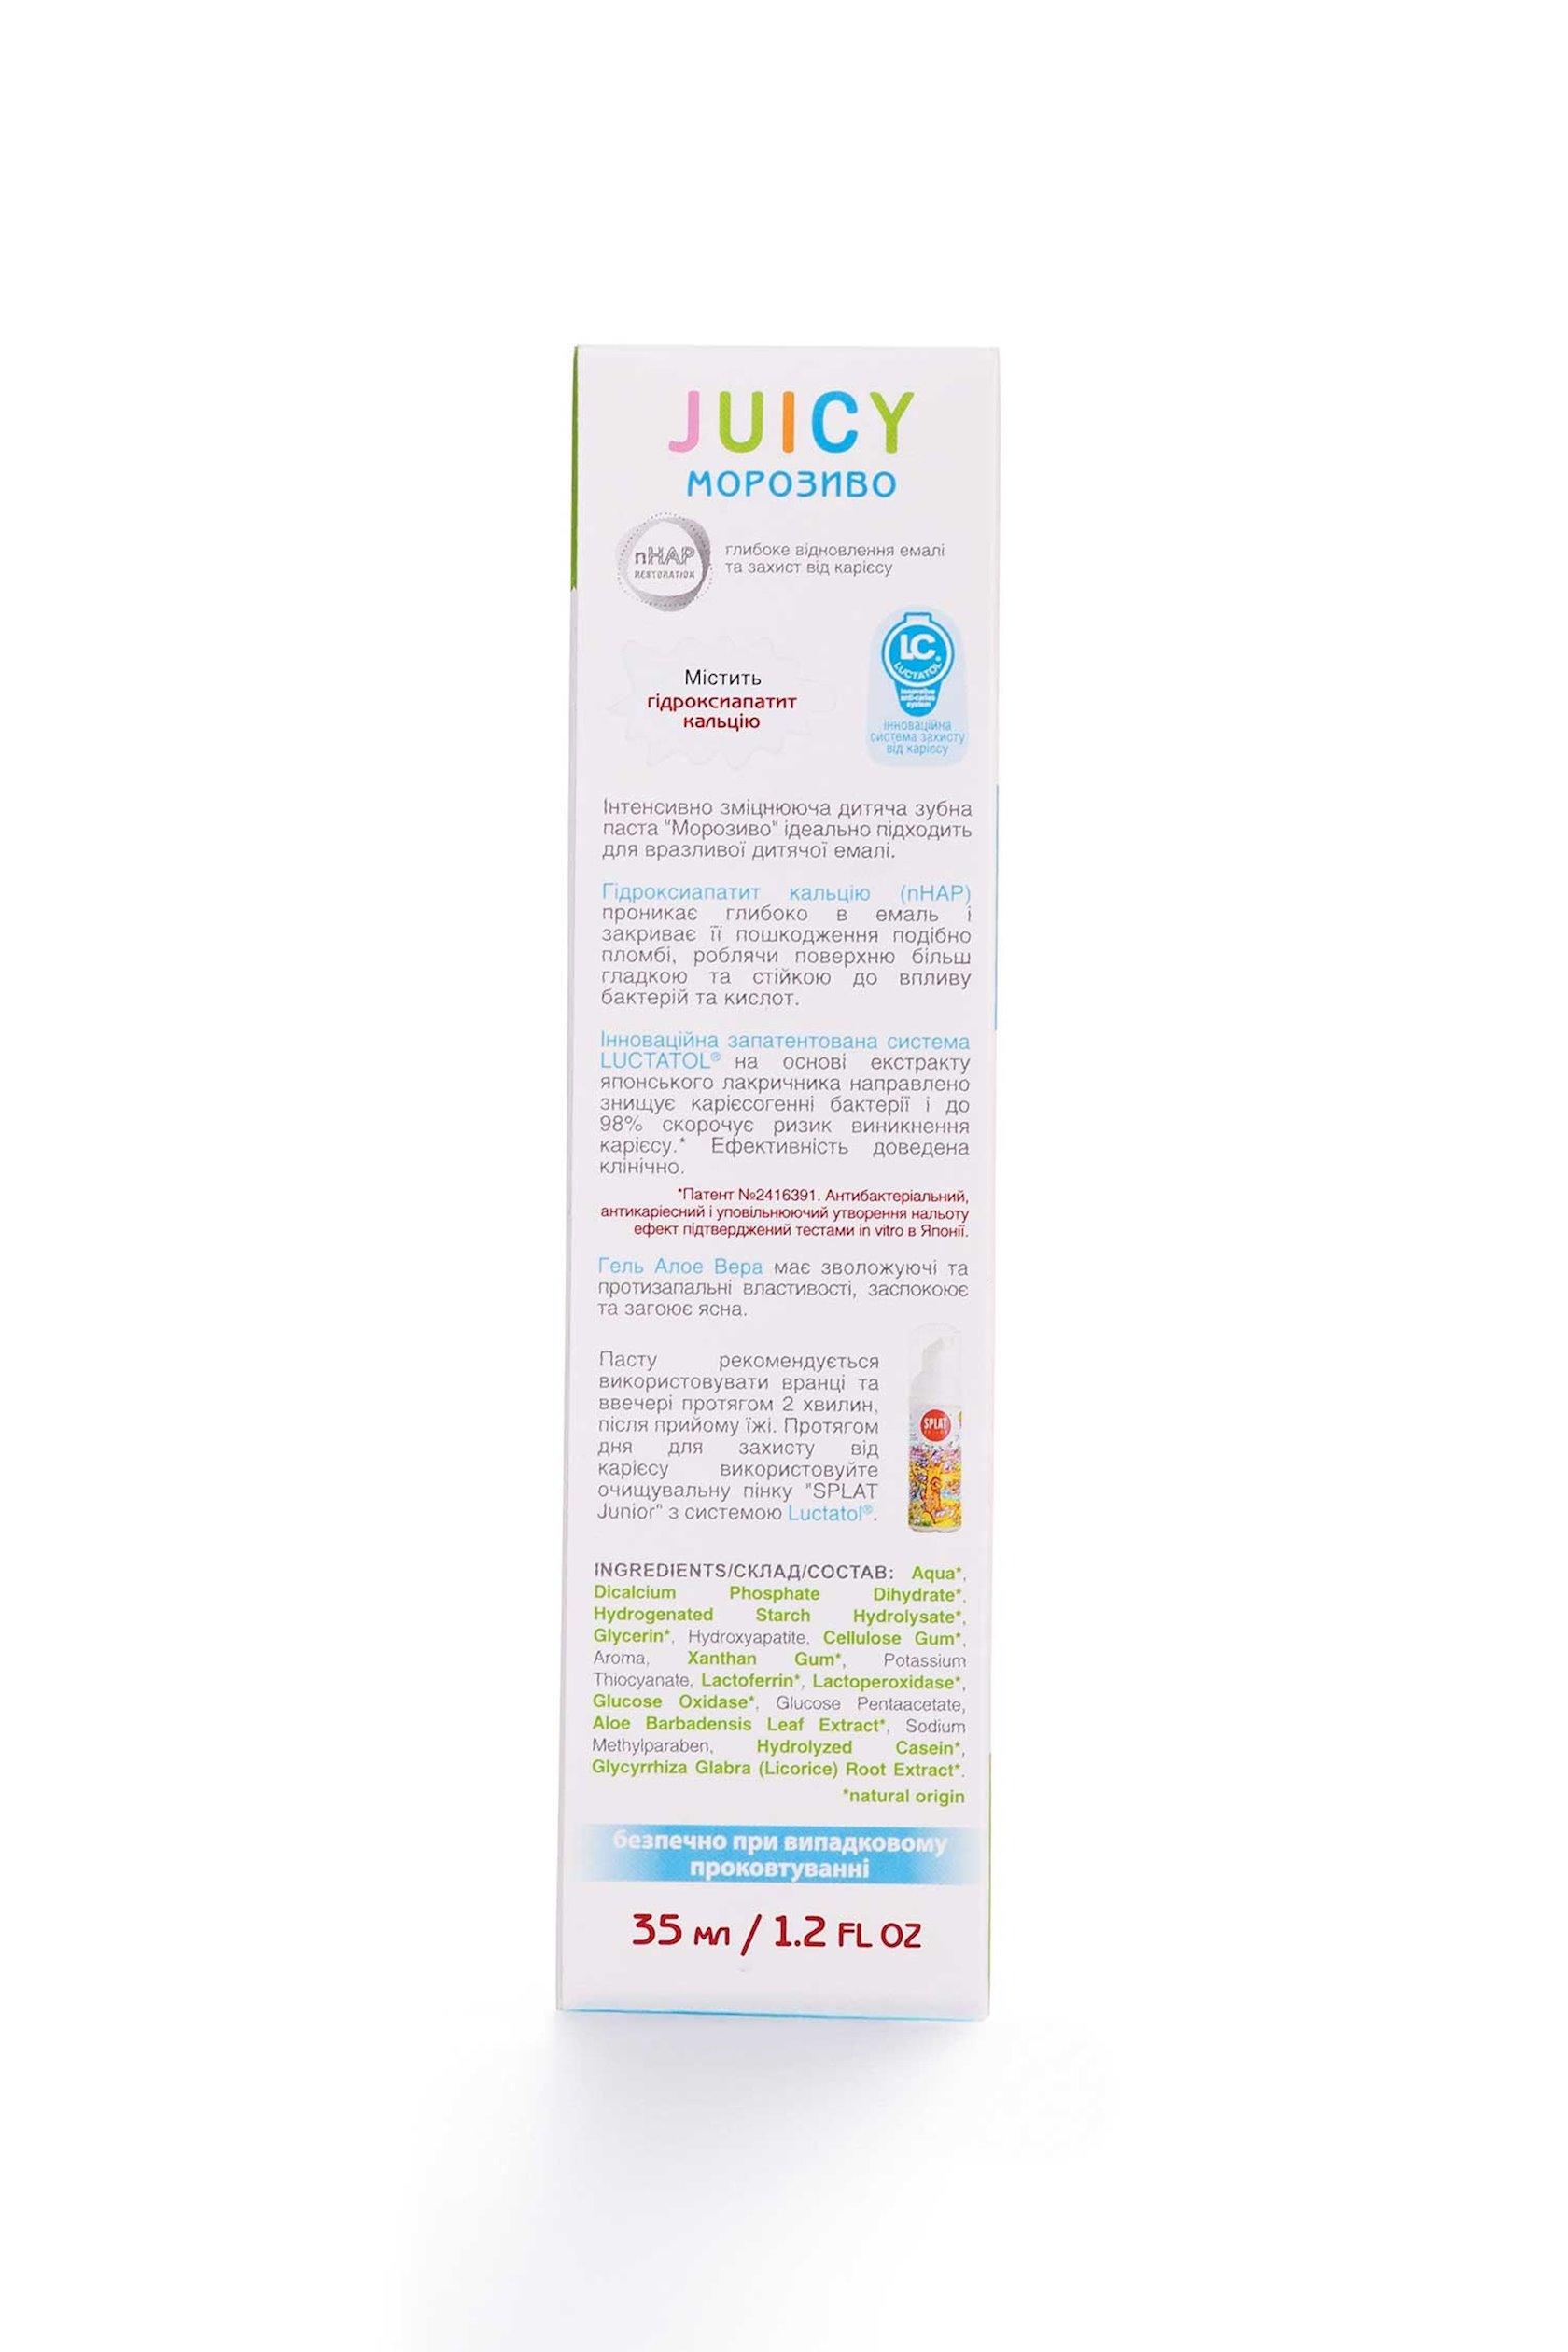 Diş pastası uşaqlar üçün Splat Juicy Dondurma, 35 ml